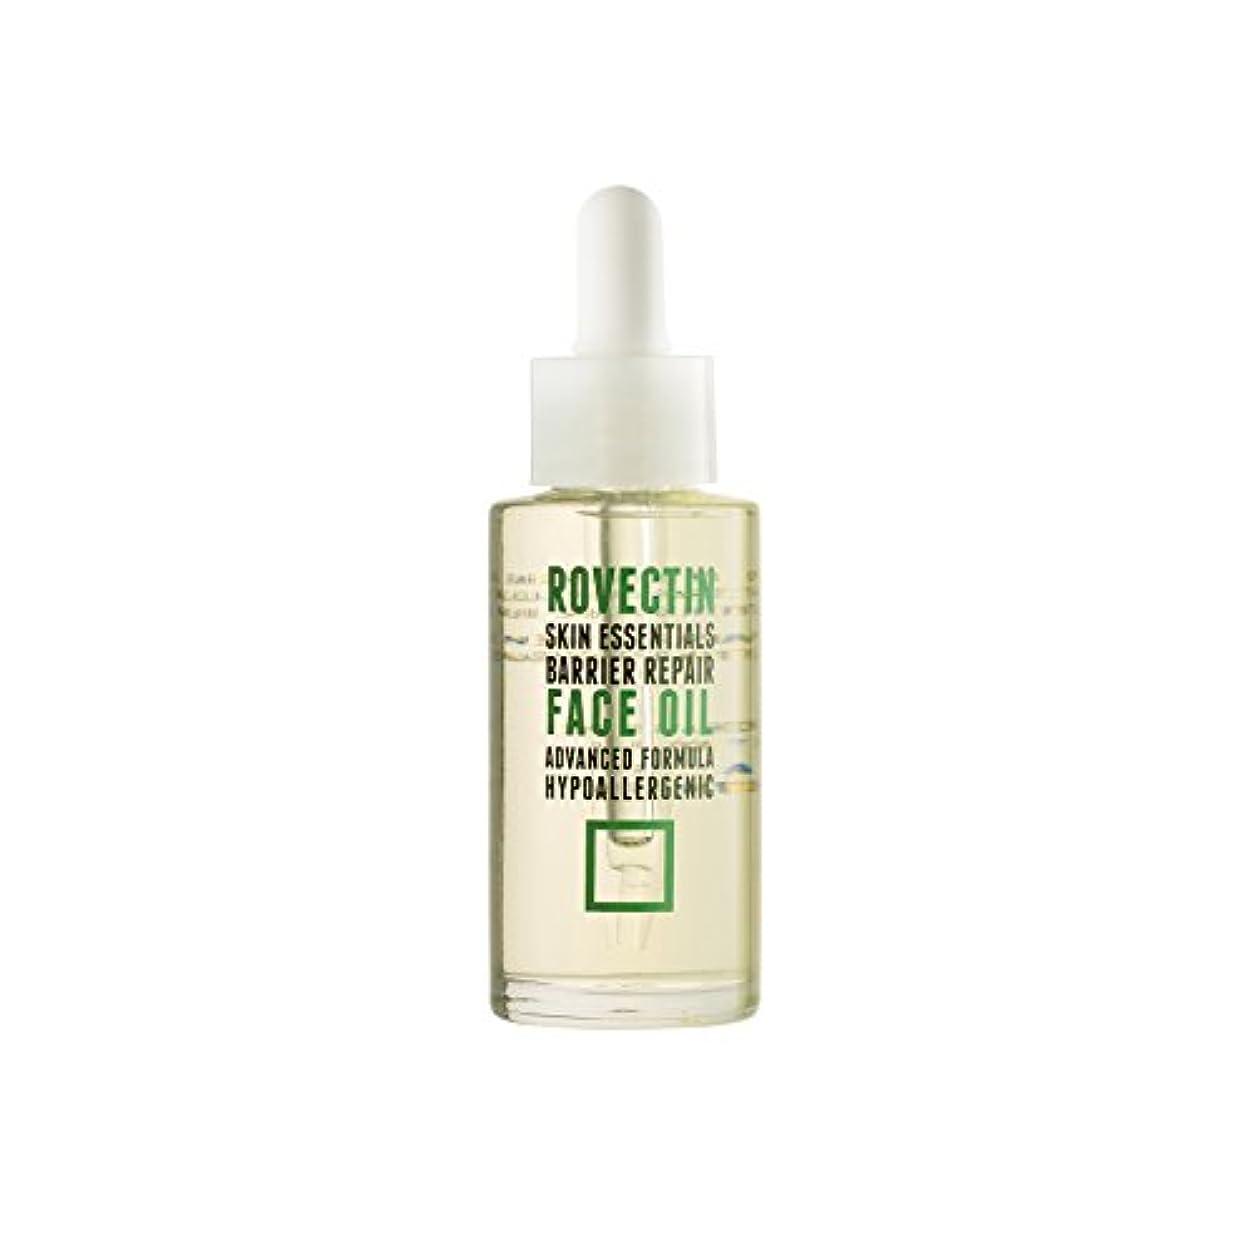 ニュージーランドアンドリューハリディ武装解除スキン エッセンシャルズ バリア リペア フェイスオイル Skin Essentials Barrier Repair Face Oil 30ml [並行輸入品]